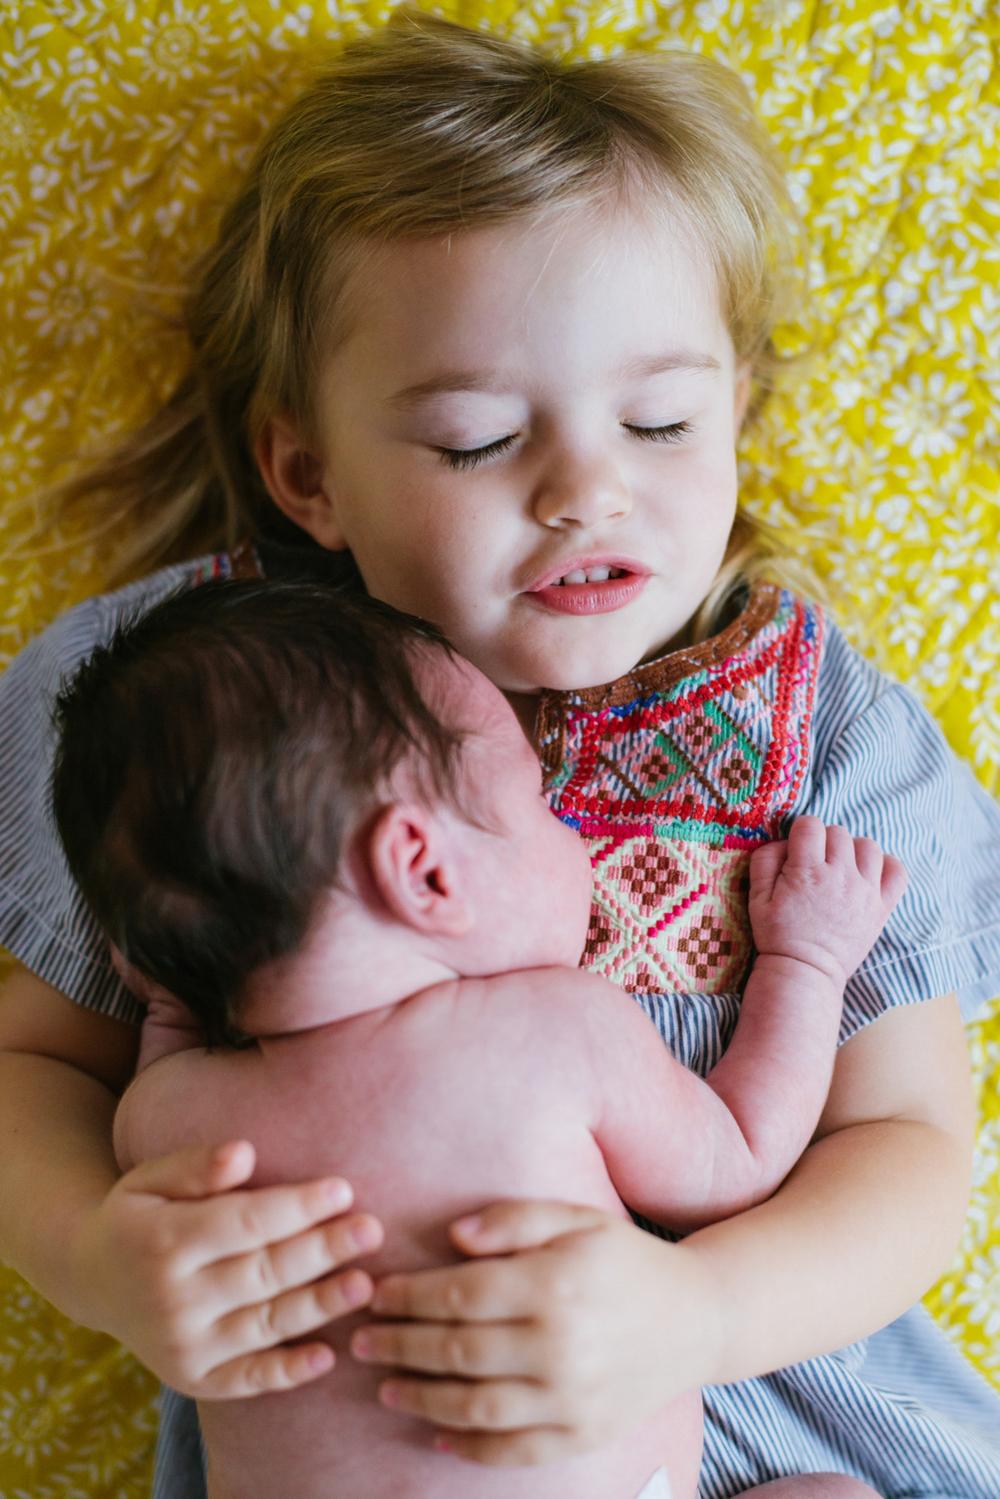 chrystal_cienfuegos_newborn-162.jpg